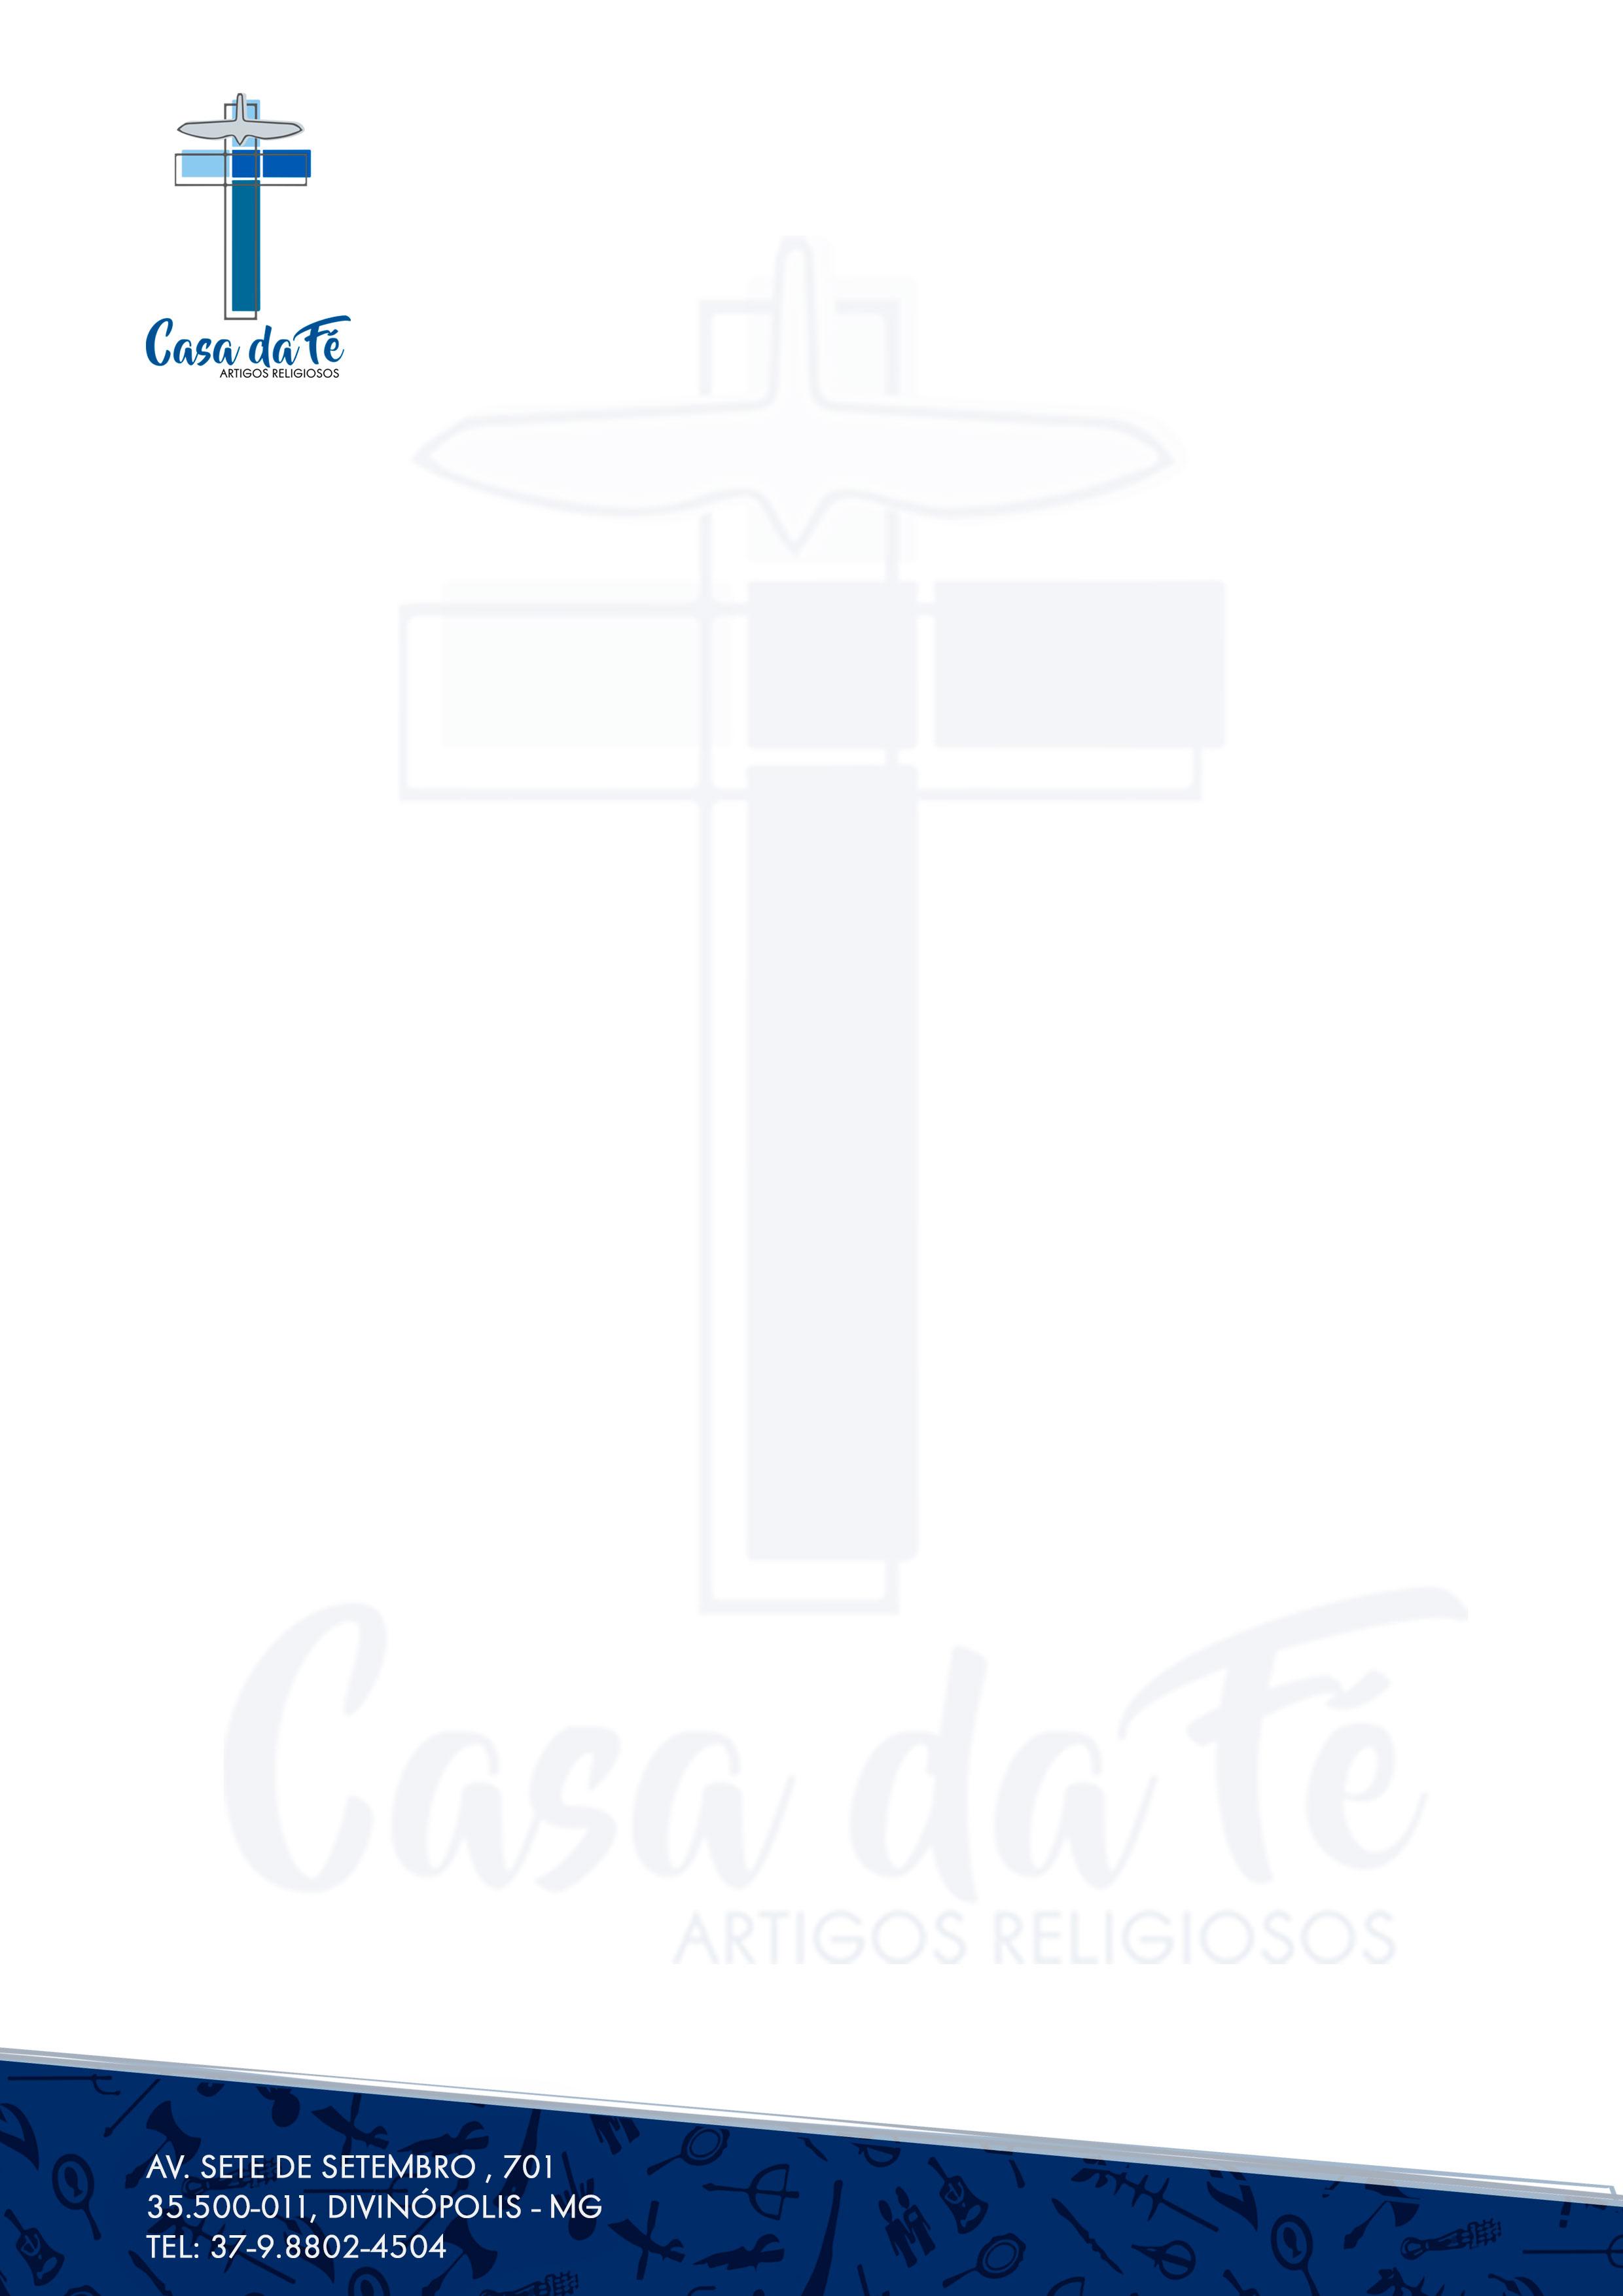 A4-Timbrado